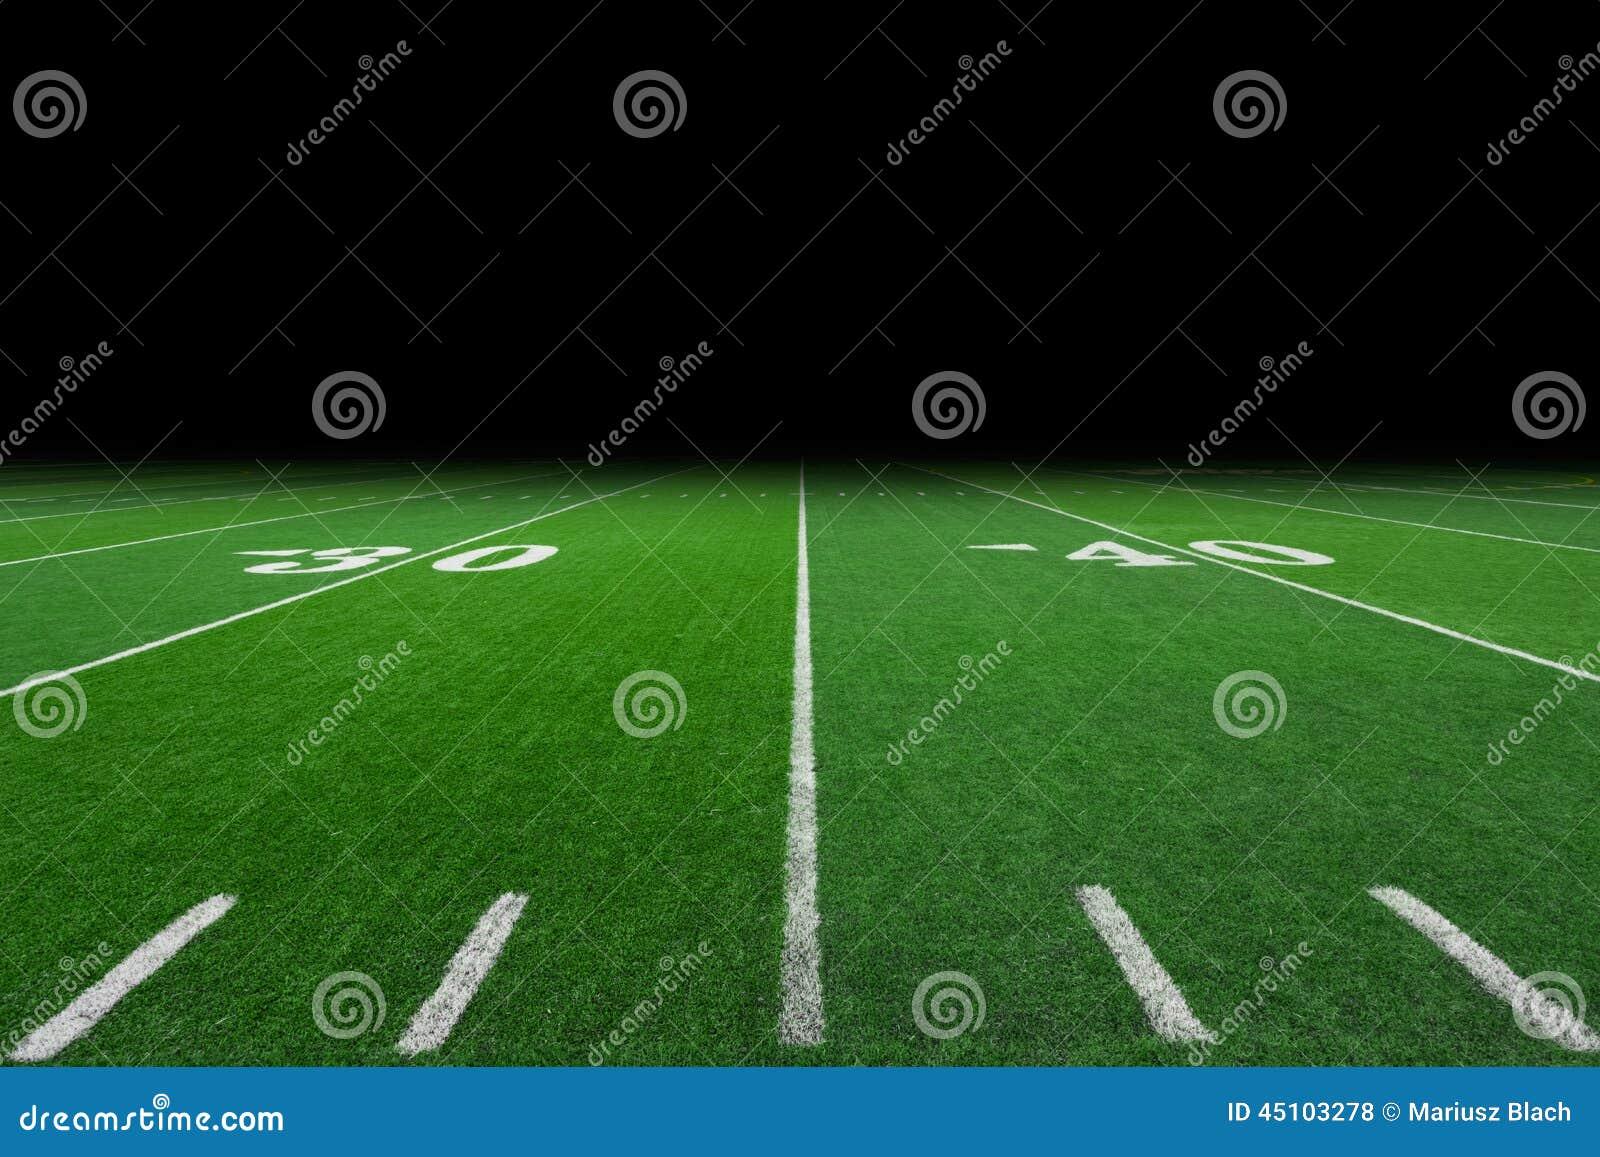 橄榄球场背景